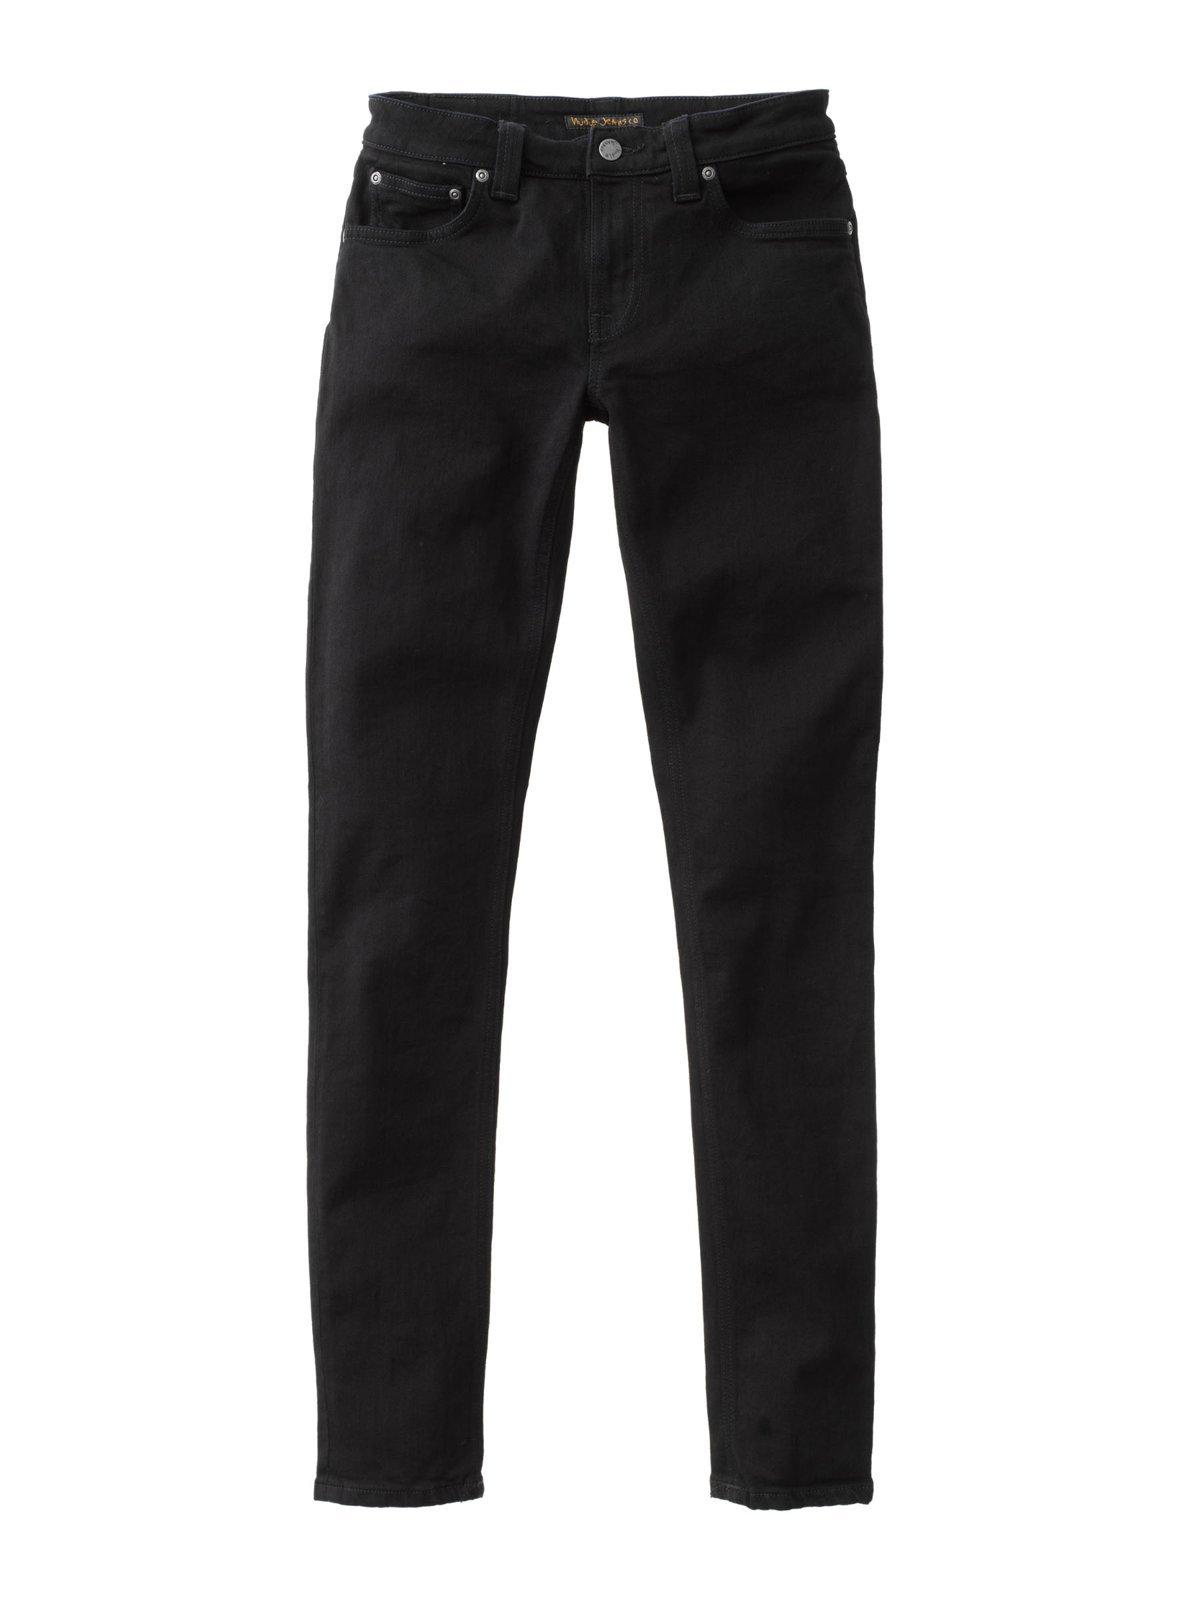 Nudie Jeans - BLACK SKINNY_b0121563_12573408.jpg